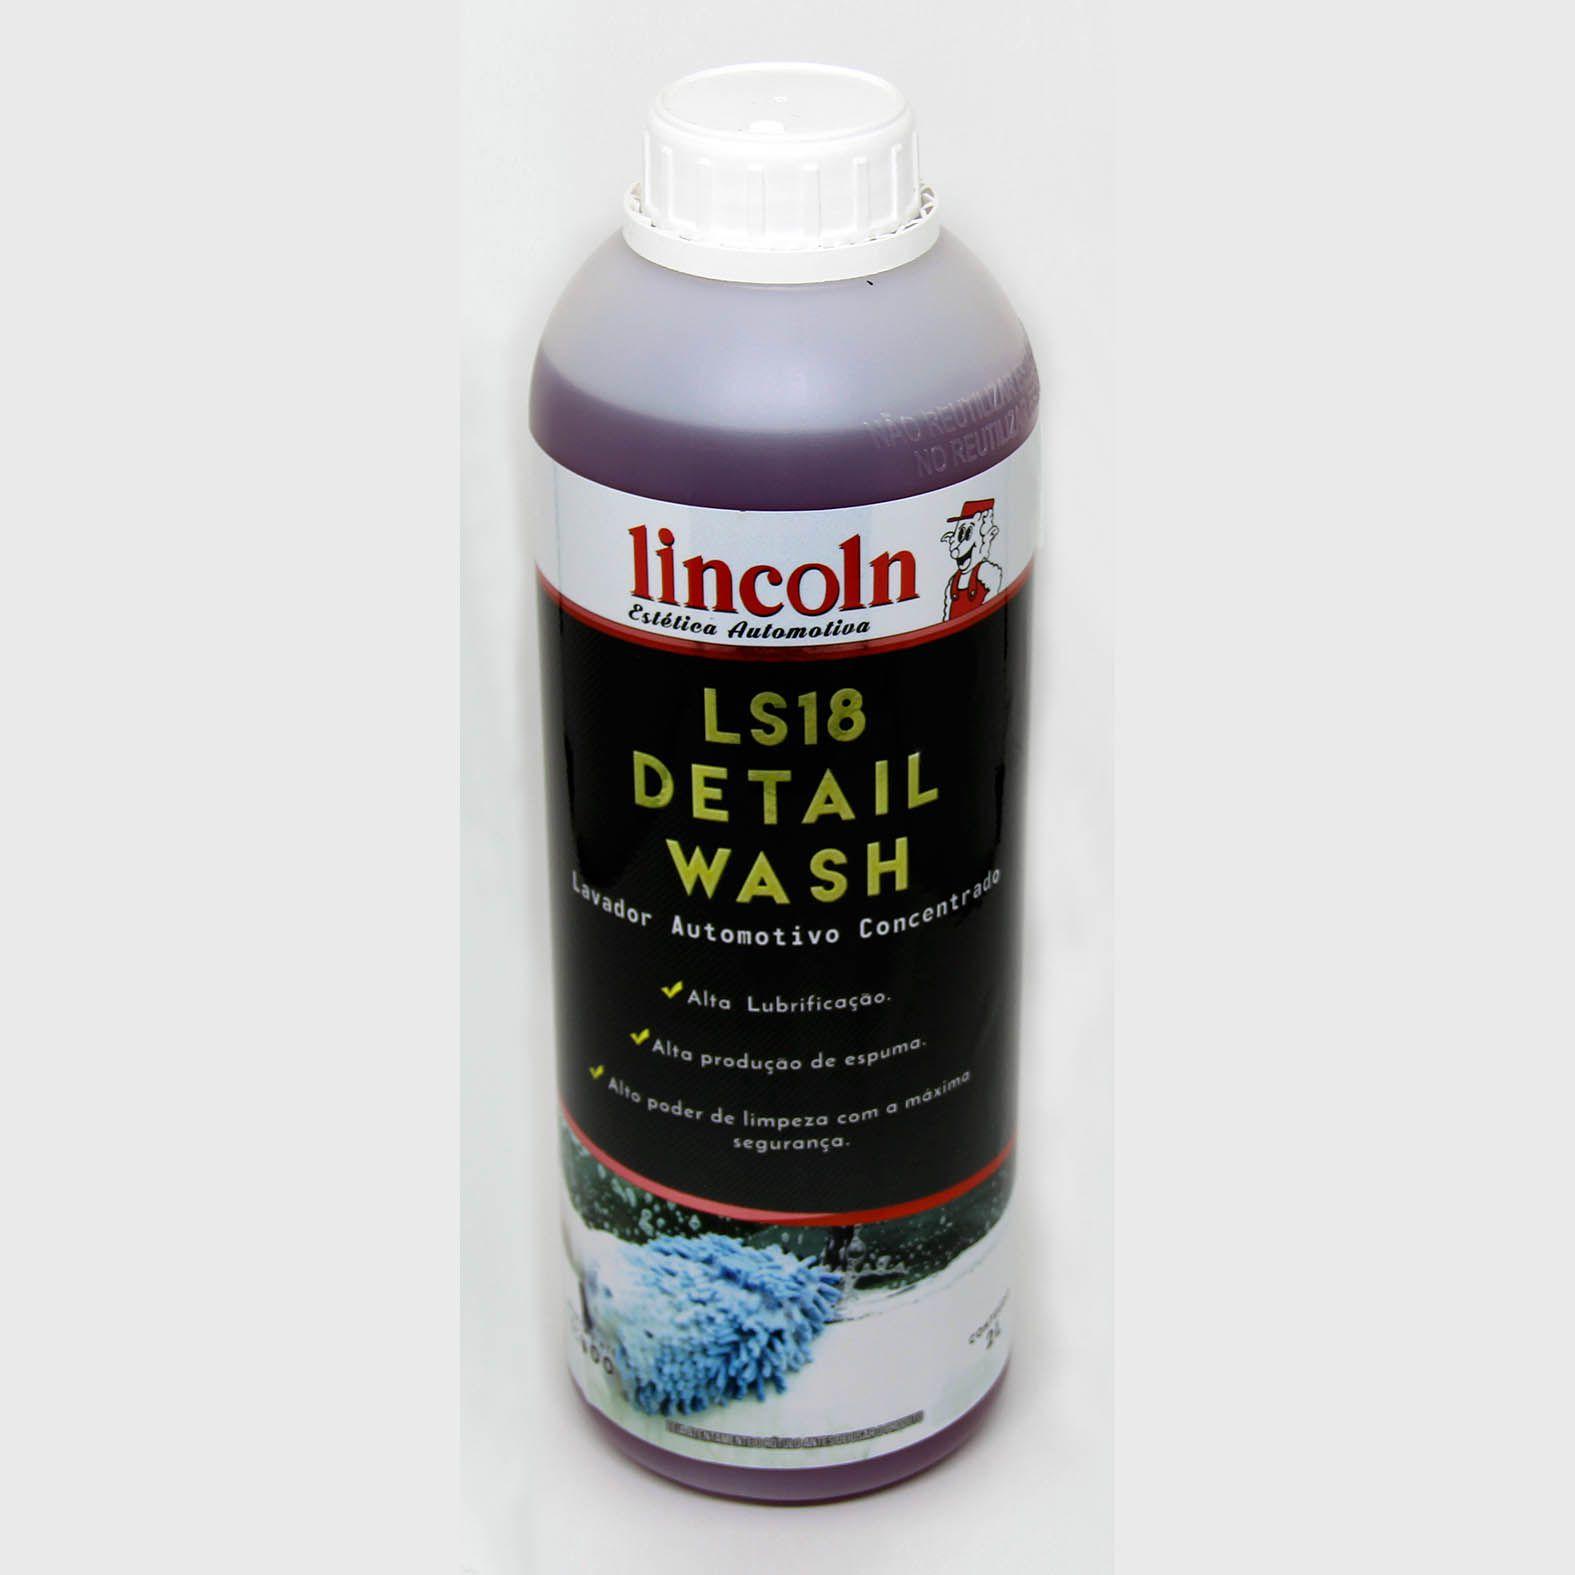 LS18 Detail Wash - Shampoo Automotivo Concentrado - 2L - Lincoln